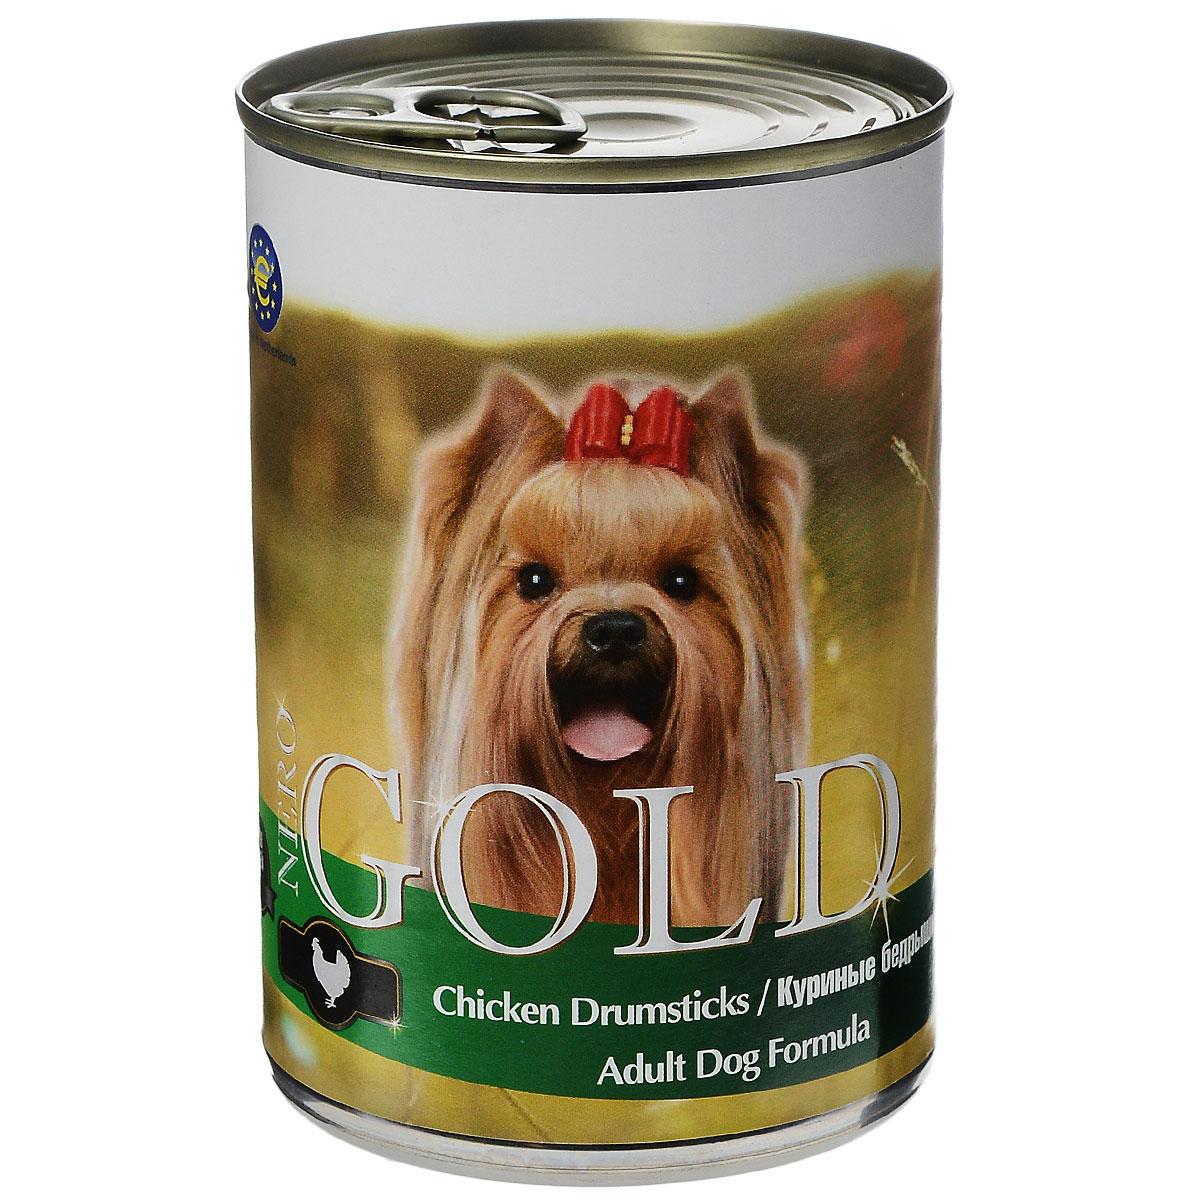 Консервы для собак Nero Gold, с куриными бедрышками, 410 г0120710Консервы для собак Nero Gold - полнорационный продукт, содержащий все необходимые витамины и минералы, сбалансированный для поддержания оптимального здоровья вашего питомца! Состав: мясо и его производные, филе курицы, злаки, витамины и минералы. Гарантированный анализ: белки 6,5%, жиры 4,5%, клетчатка 0,5%, зола 2%, влага 81%.Пищевые добавки на 1 кг продукта: витамин А 1600 МЕ, витамин D 140 МЕ, витамин Е 10 МЕ, железо 24 мг, марганец 6 мг, цинк 15 мг, медь 1 мг, магний 200 мг, йод 0,3 мг, селен 0,2 мг.Вес: 410 г. Товар сертифицирован.